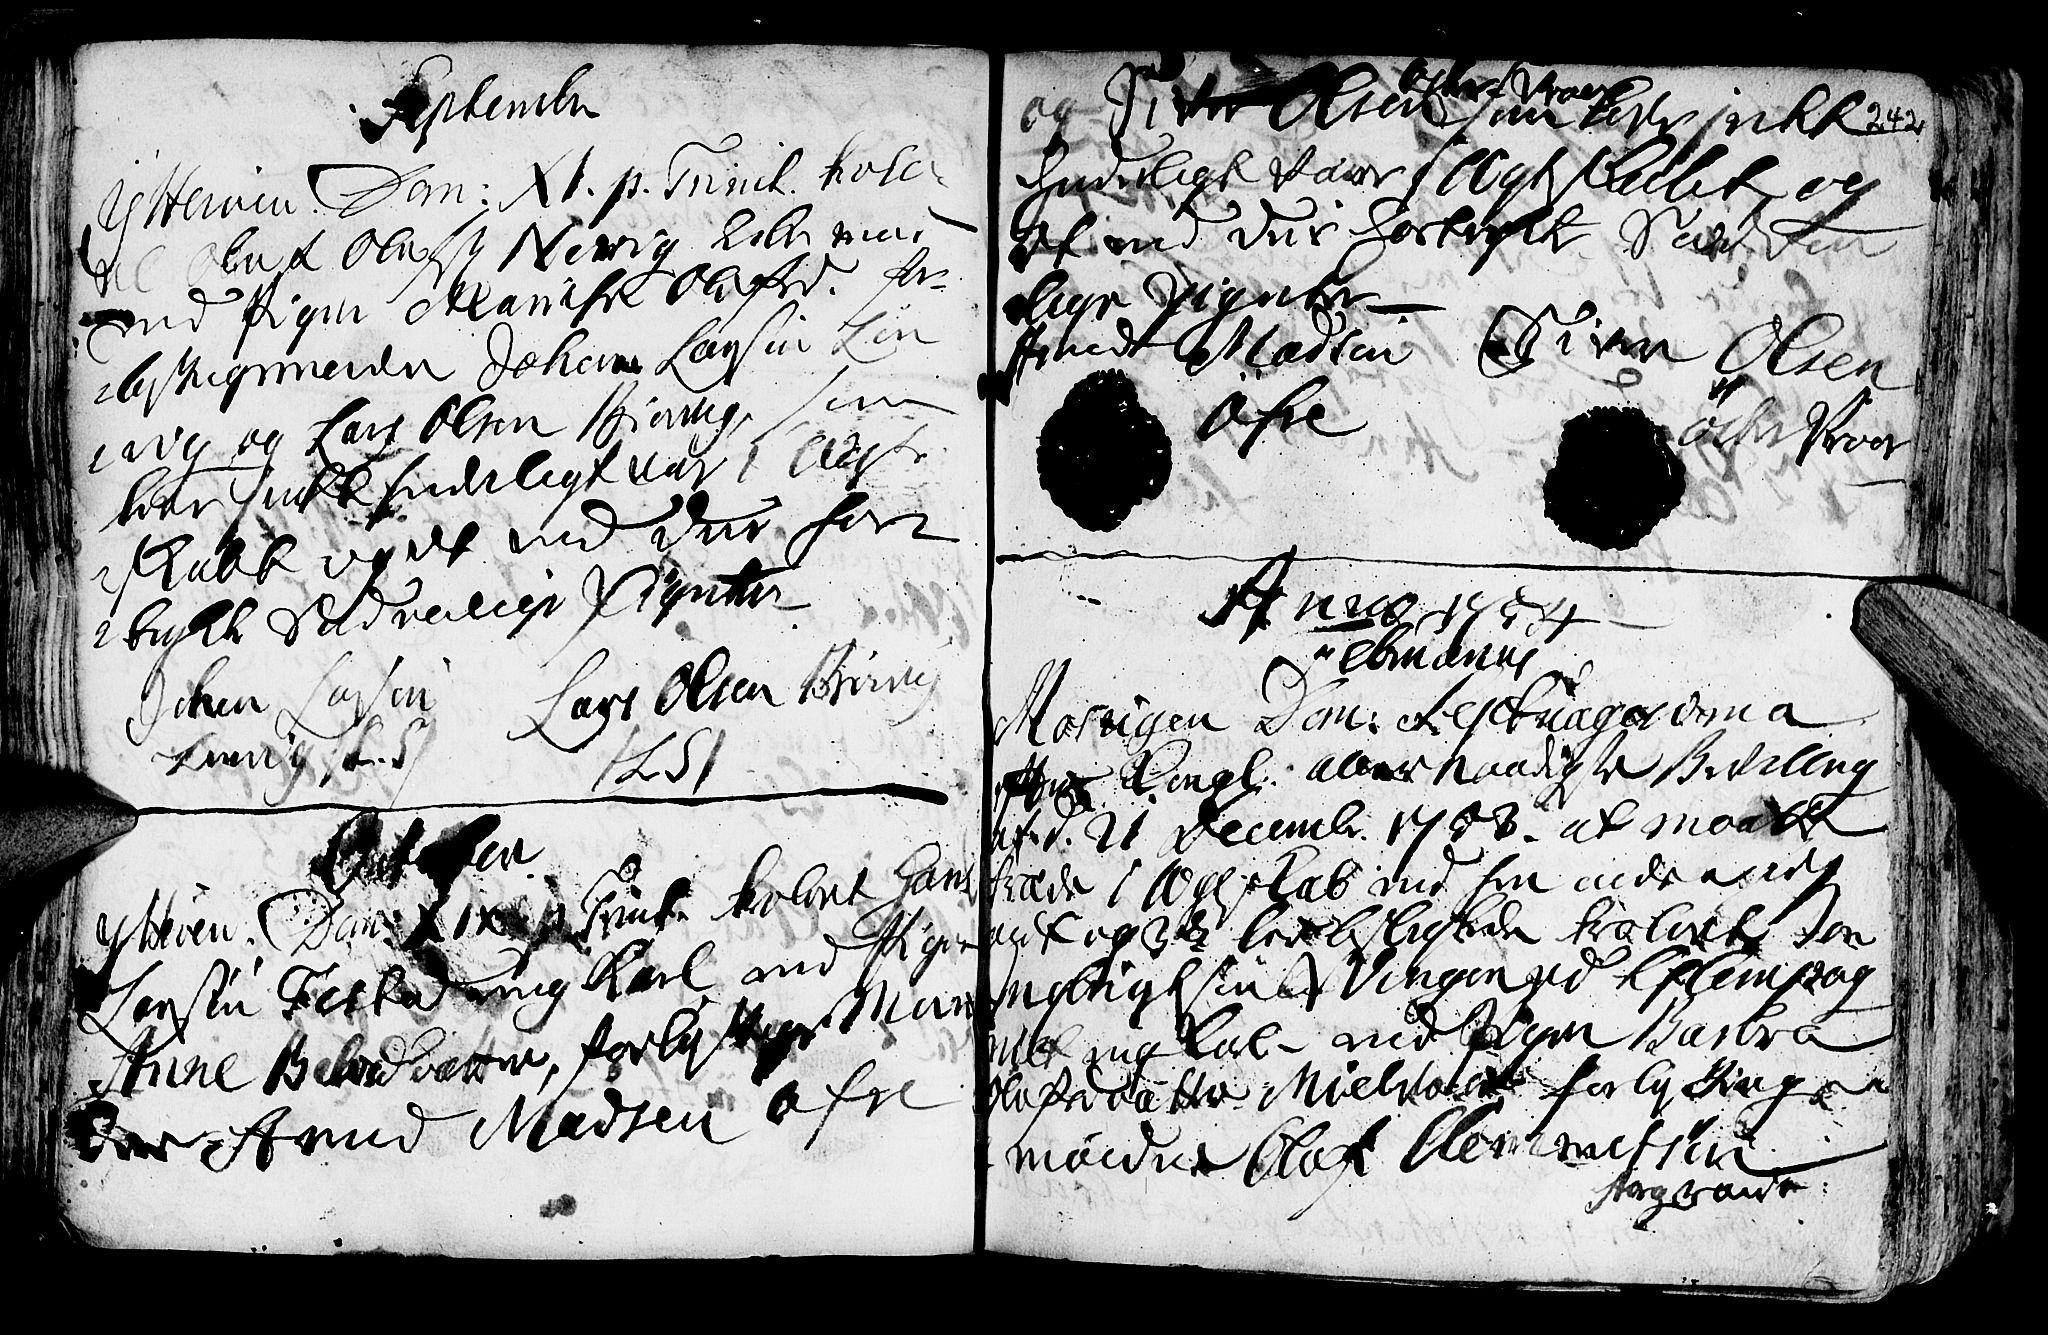 SAT, Ministerialprotokoller, klokkerbøker og fødselsregistre - Nord-Trøndelag, 722/L0215: Ministerialbok nr. 722A02, 1718-1755, s. 242